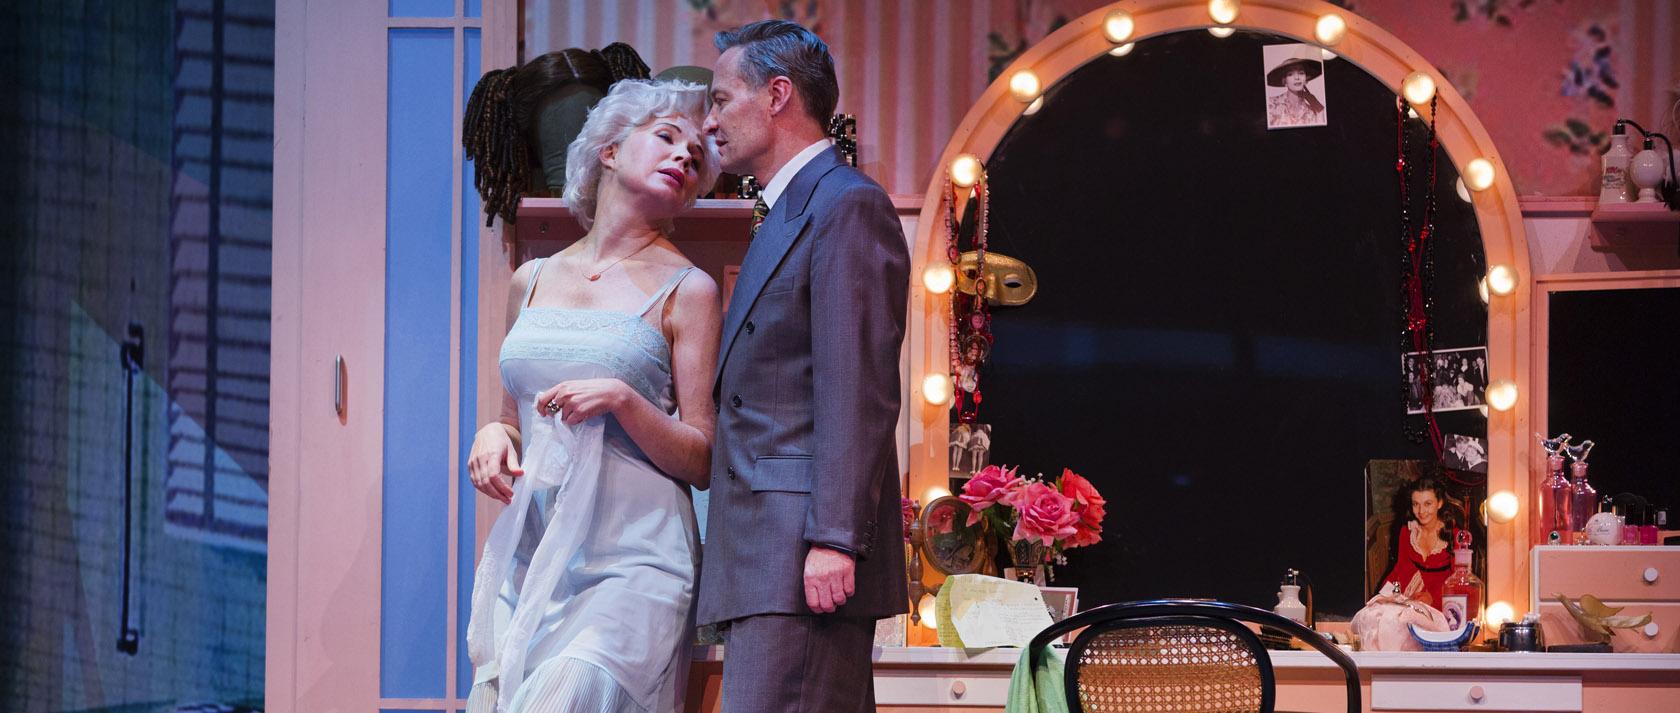 DeLaMar-Theaterproducties-scenefoto-In-de-ban-van-Broadway-1b-foto-Leo-van-Velzen